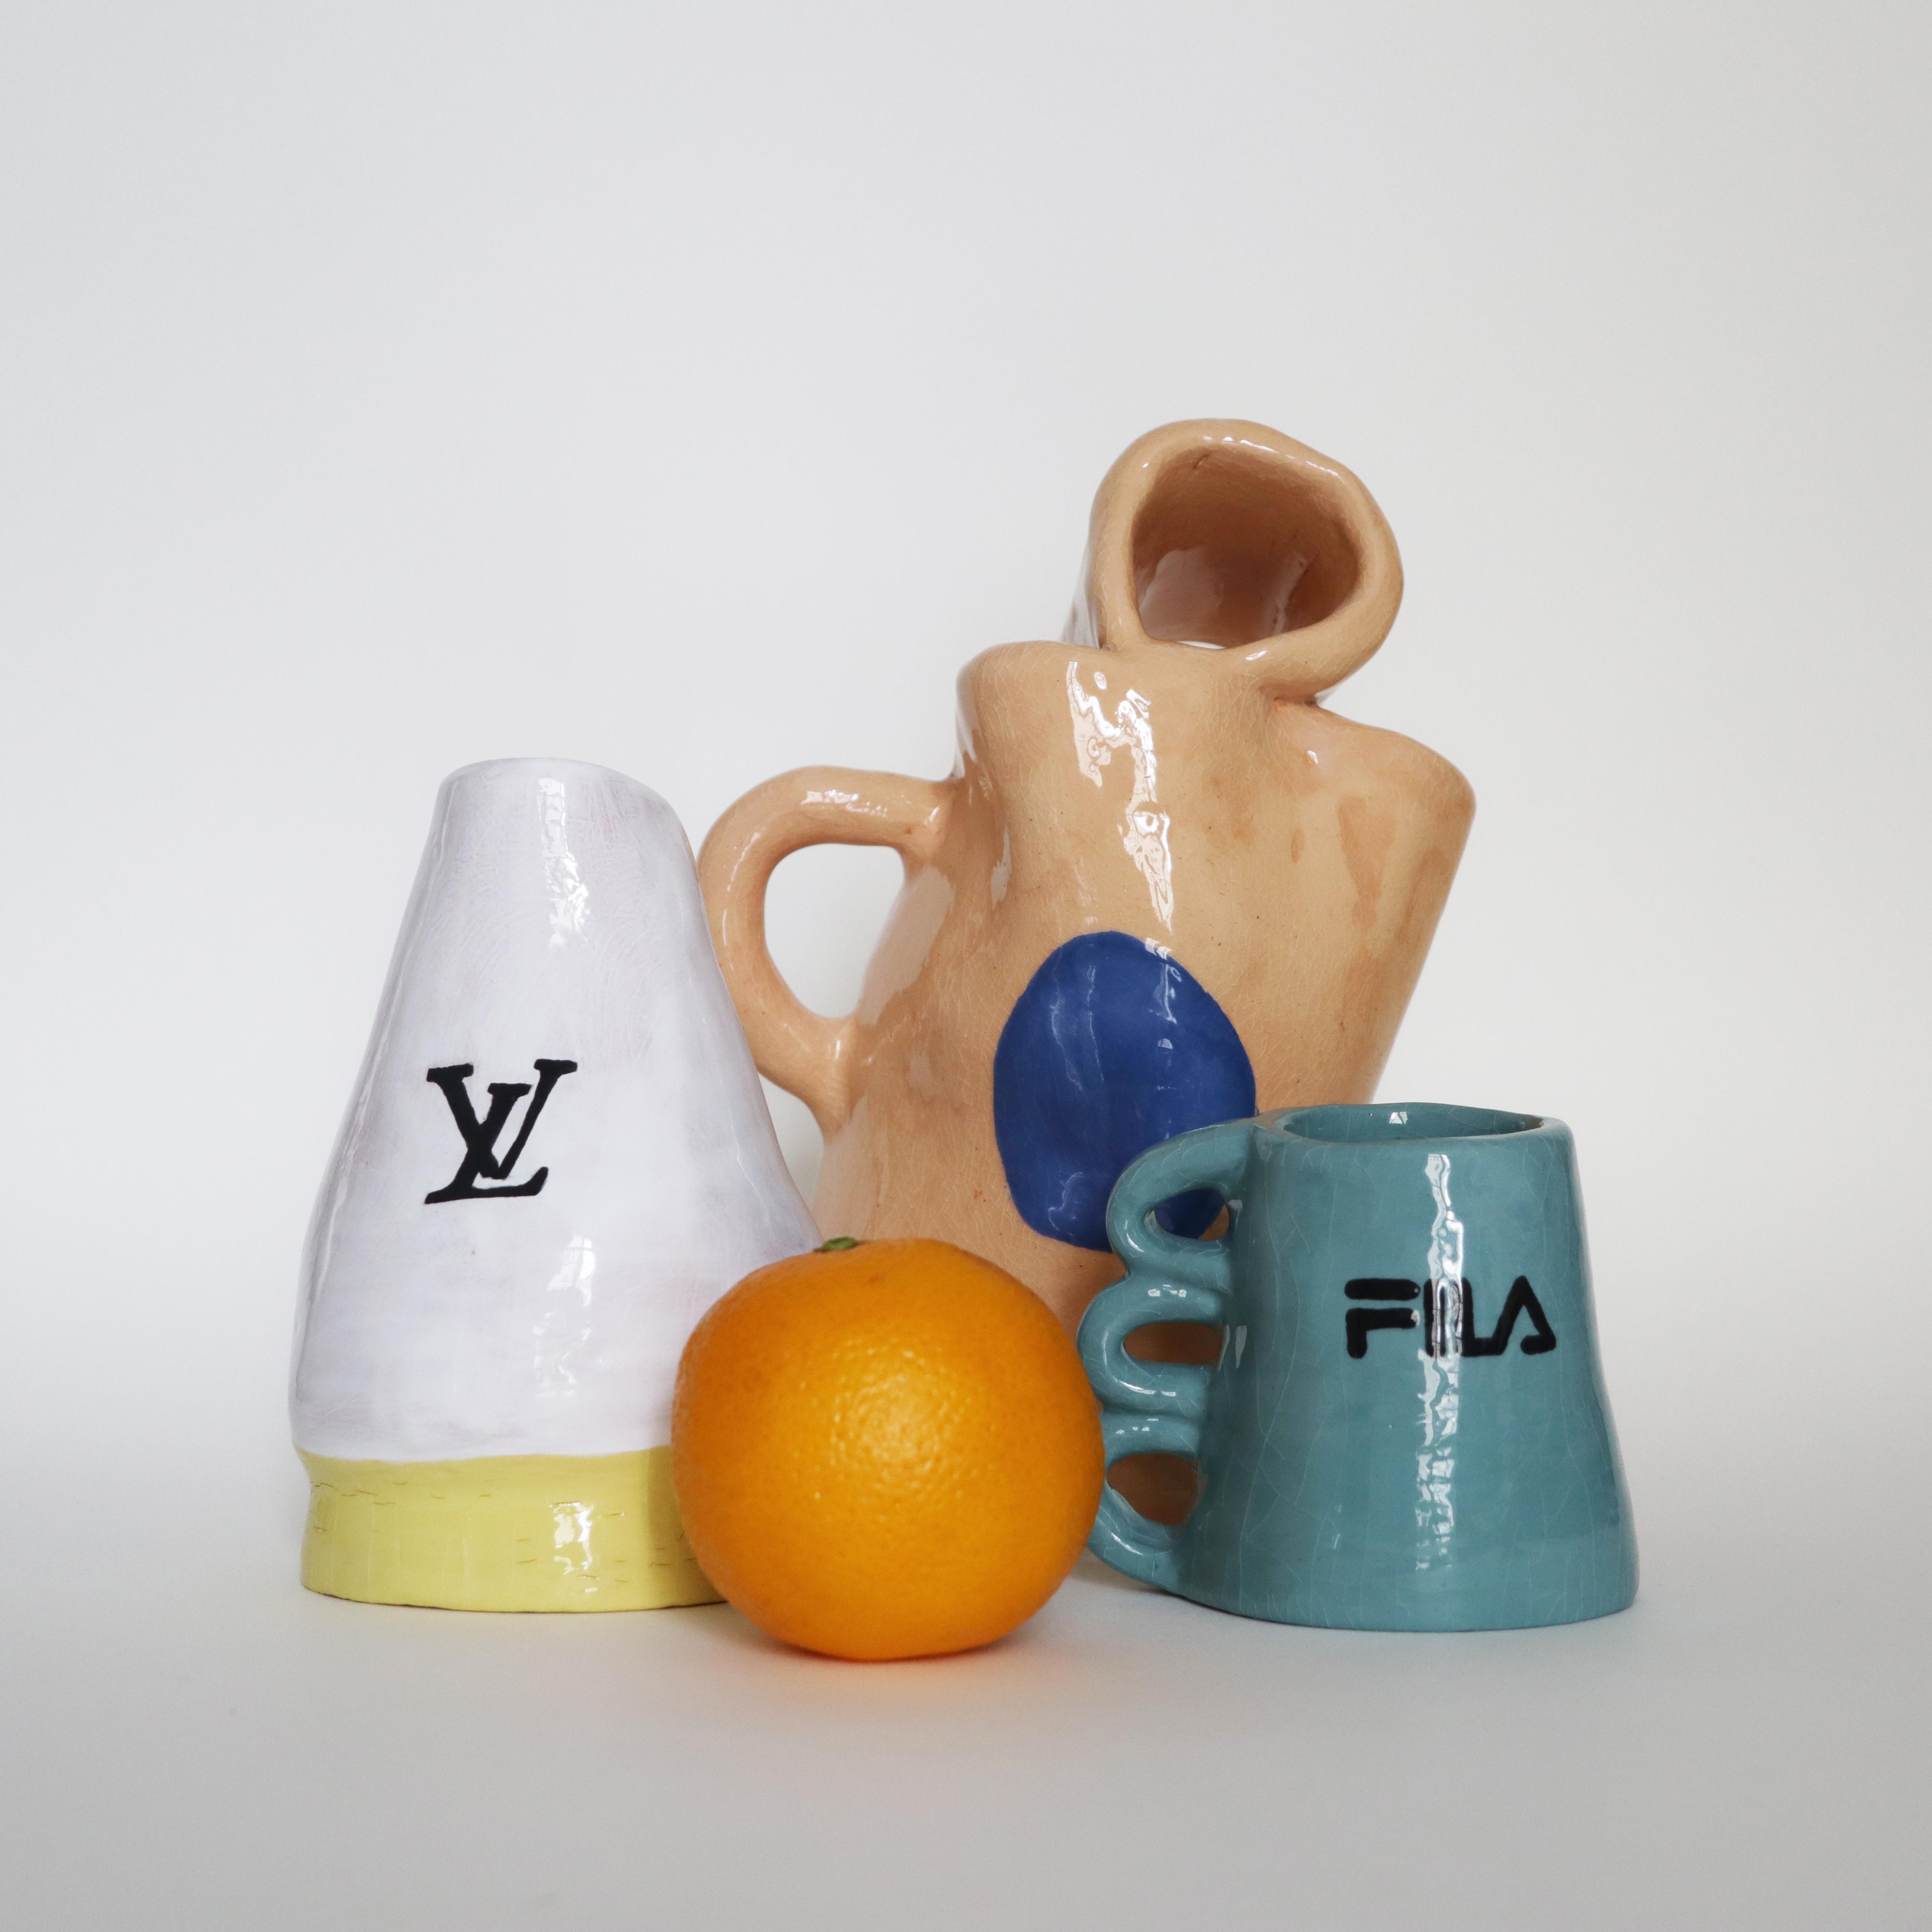 Ceramics and orange